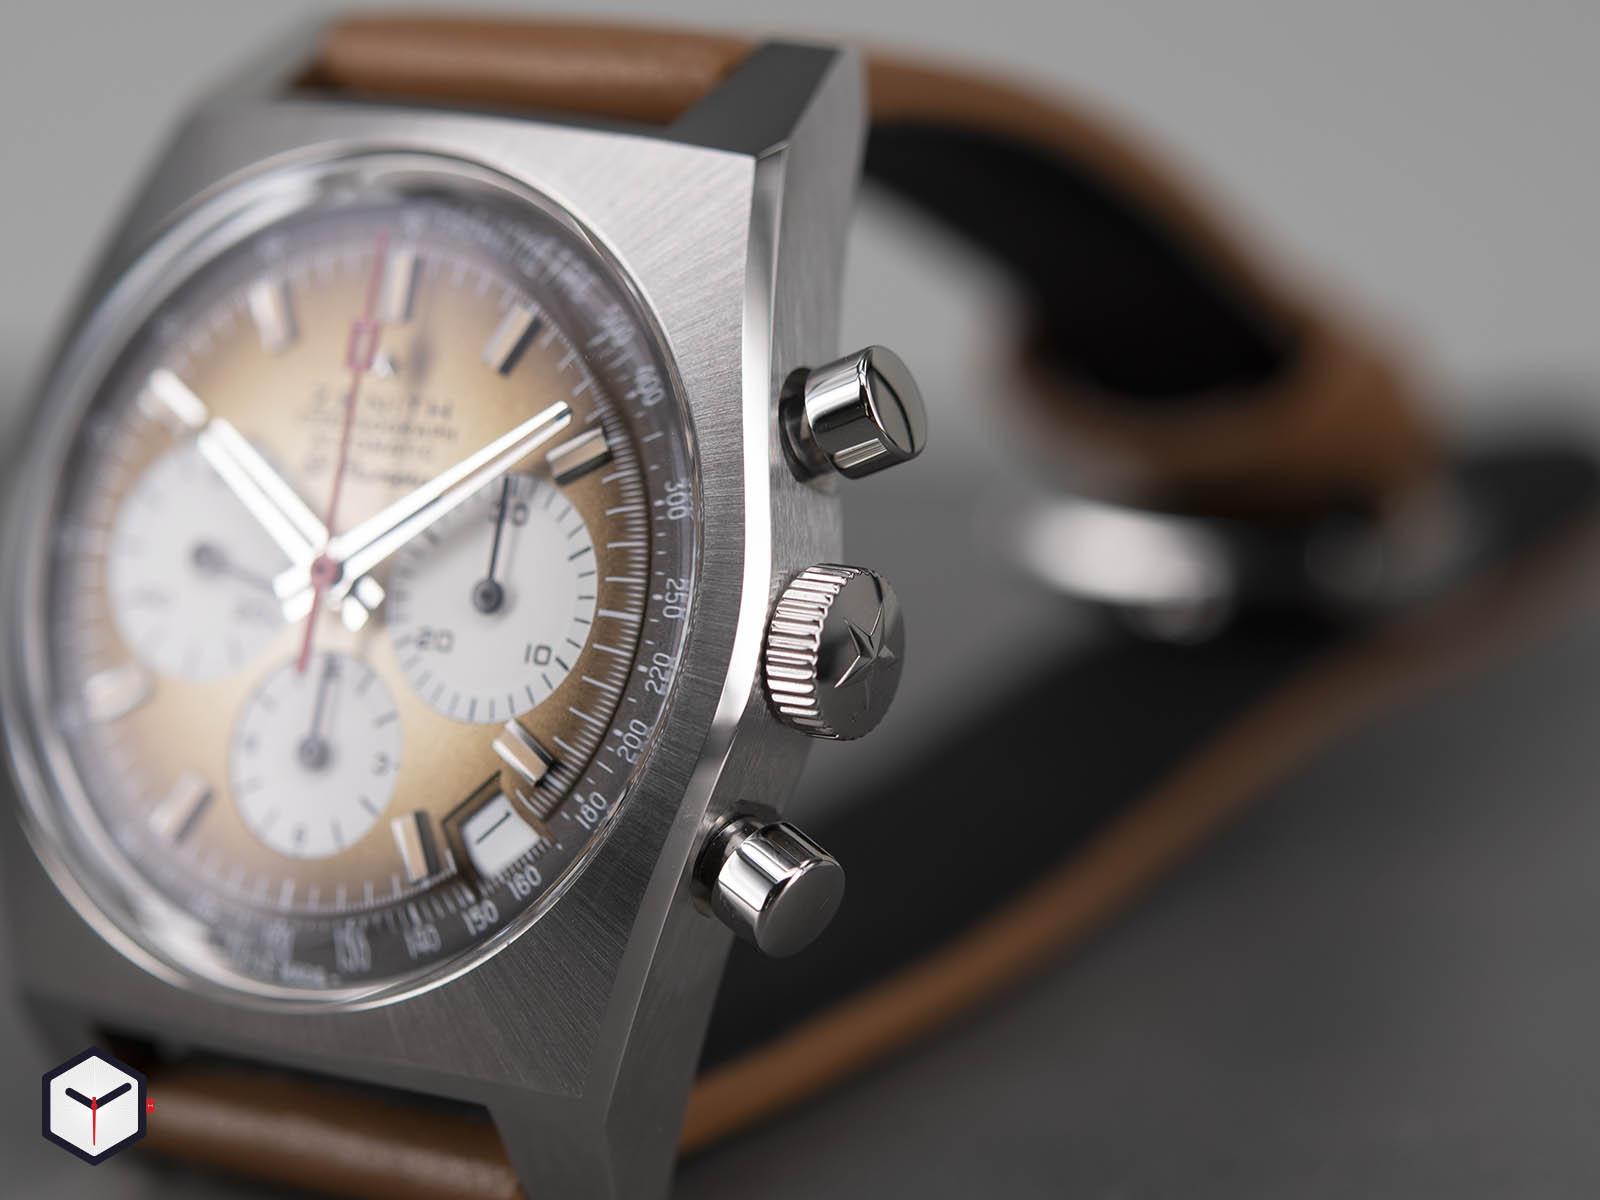 03-a384-400-385-c855-zenith-chronomaster-revival-a385-3-1.jpg